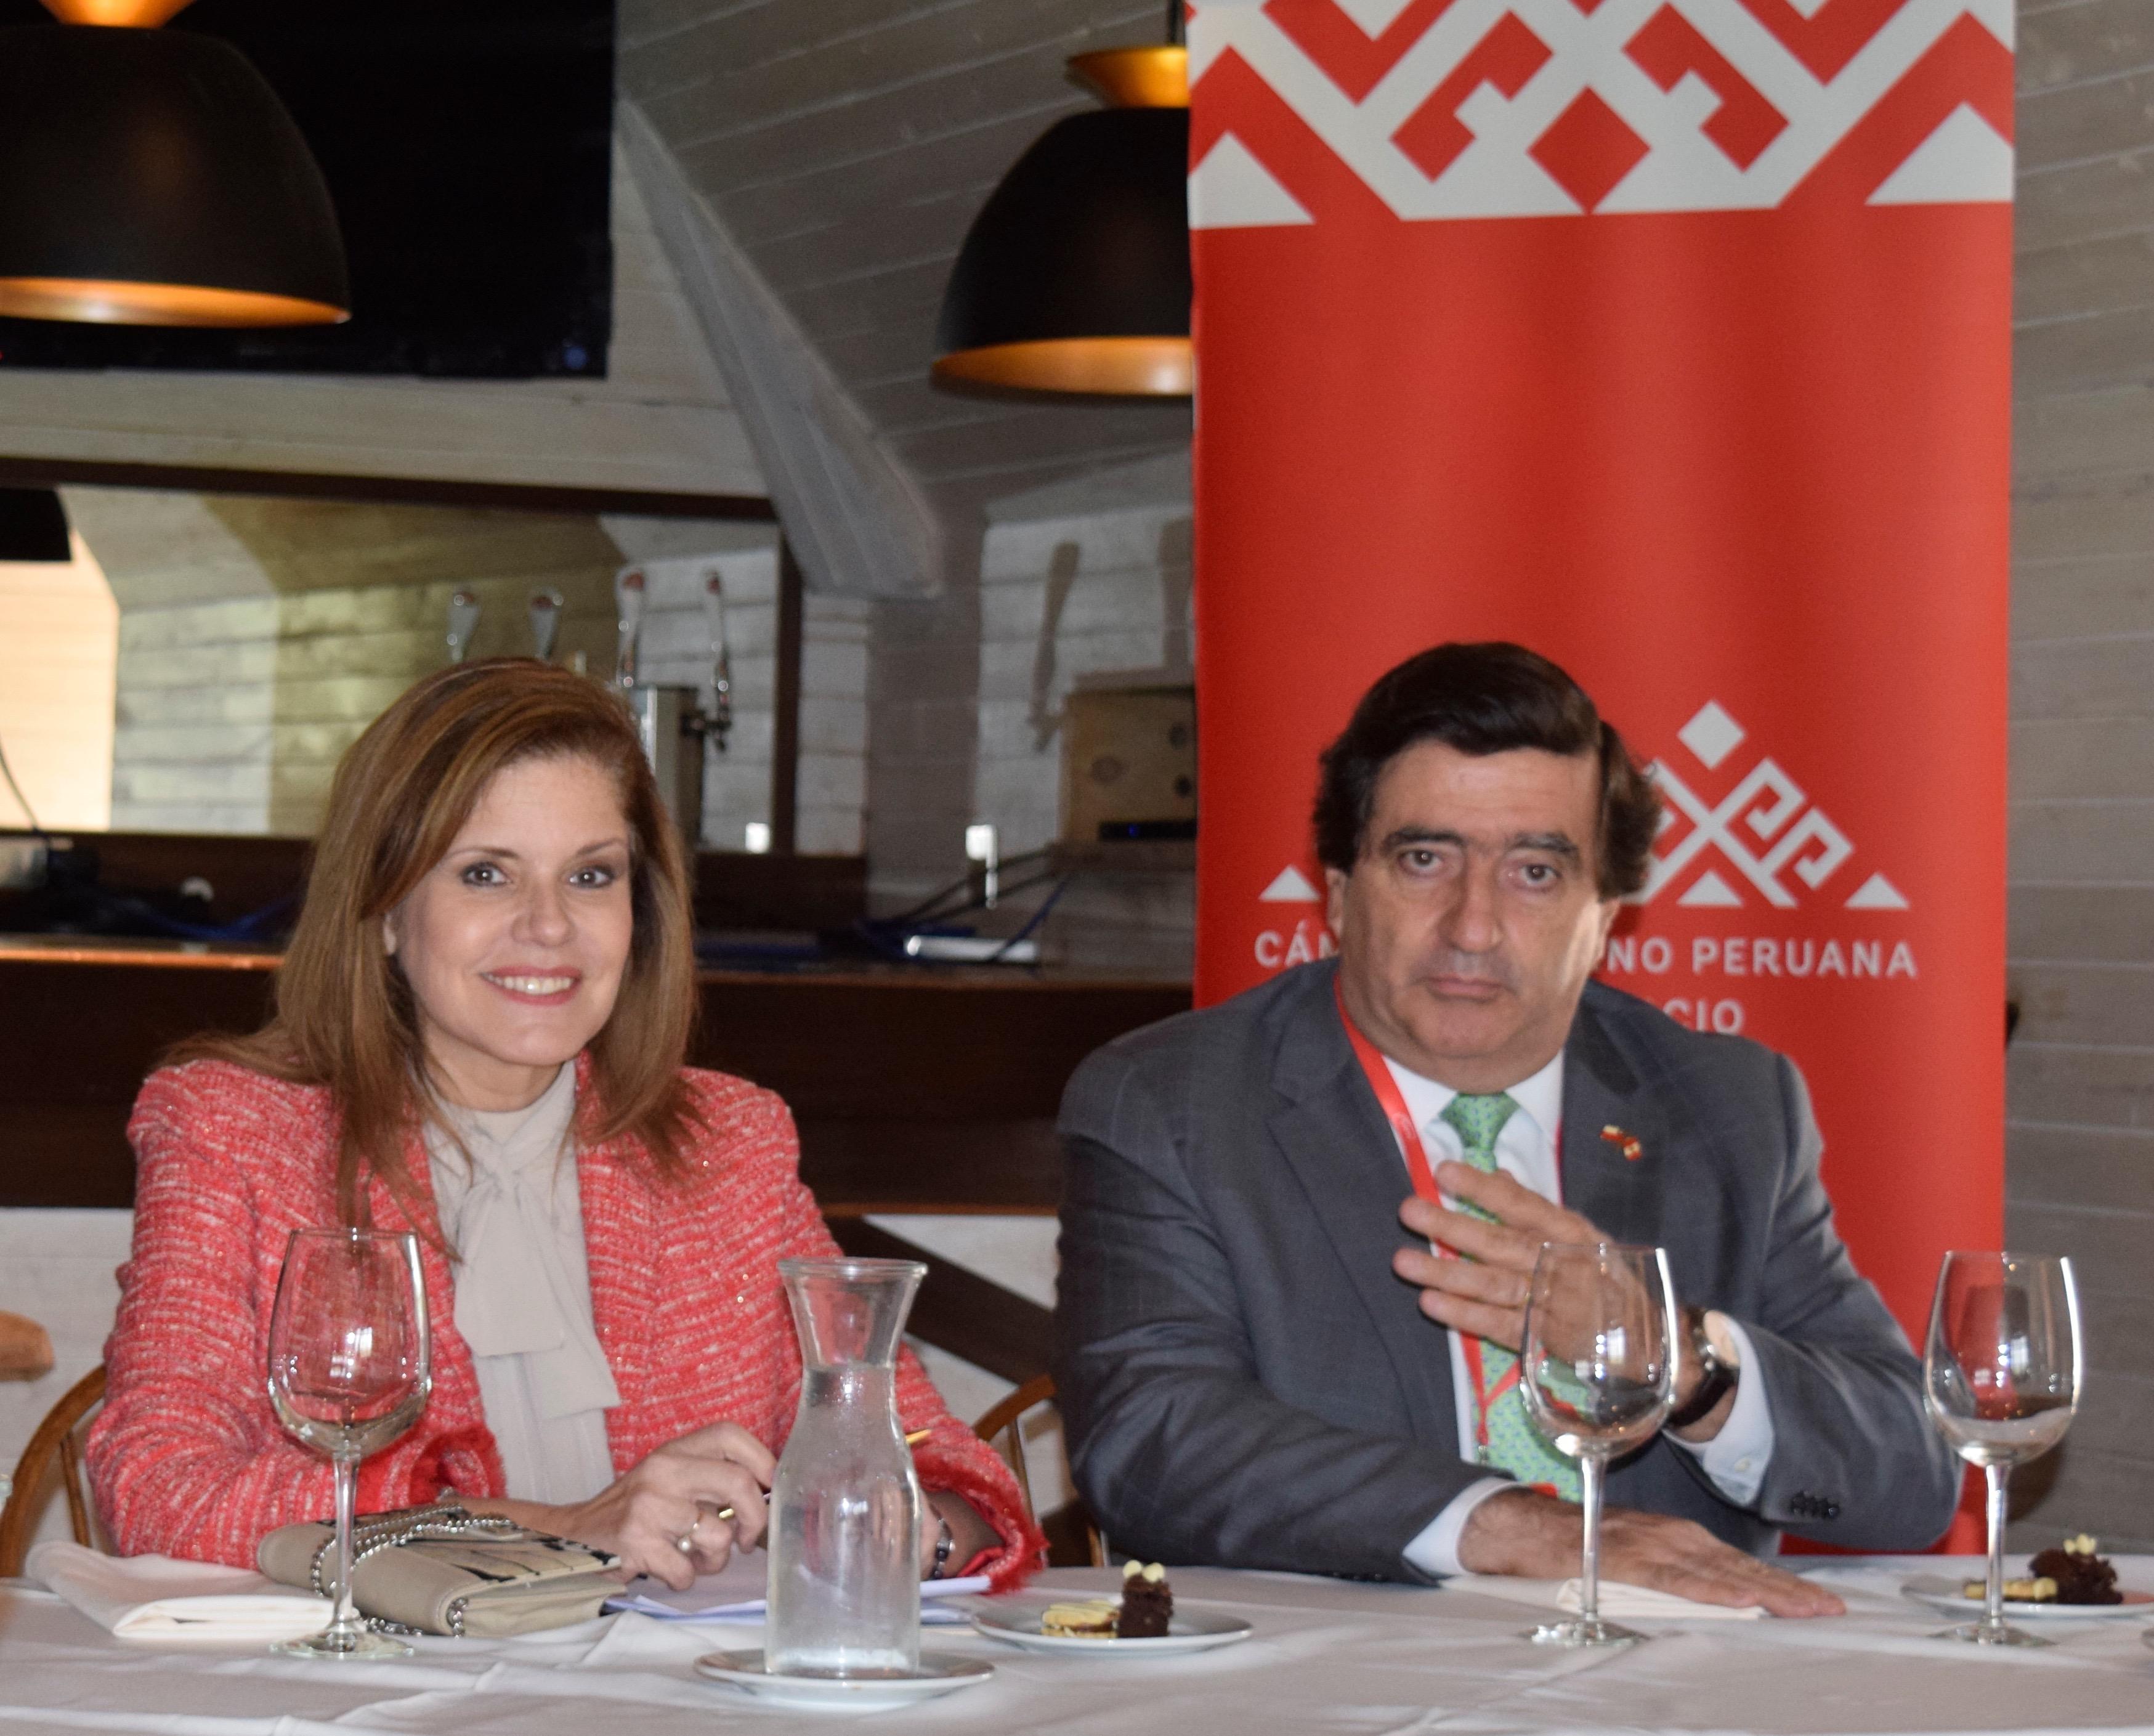 Visita de Presidenta del Consejo de Ministros del Perú y reunión con socios de la Cámara Chileno Peruana de Comercio